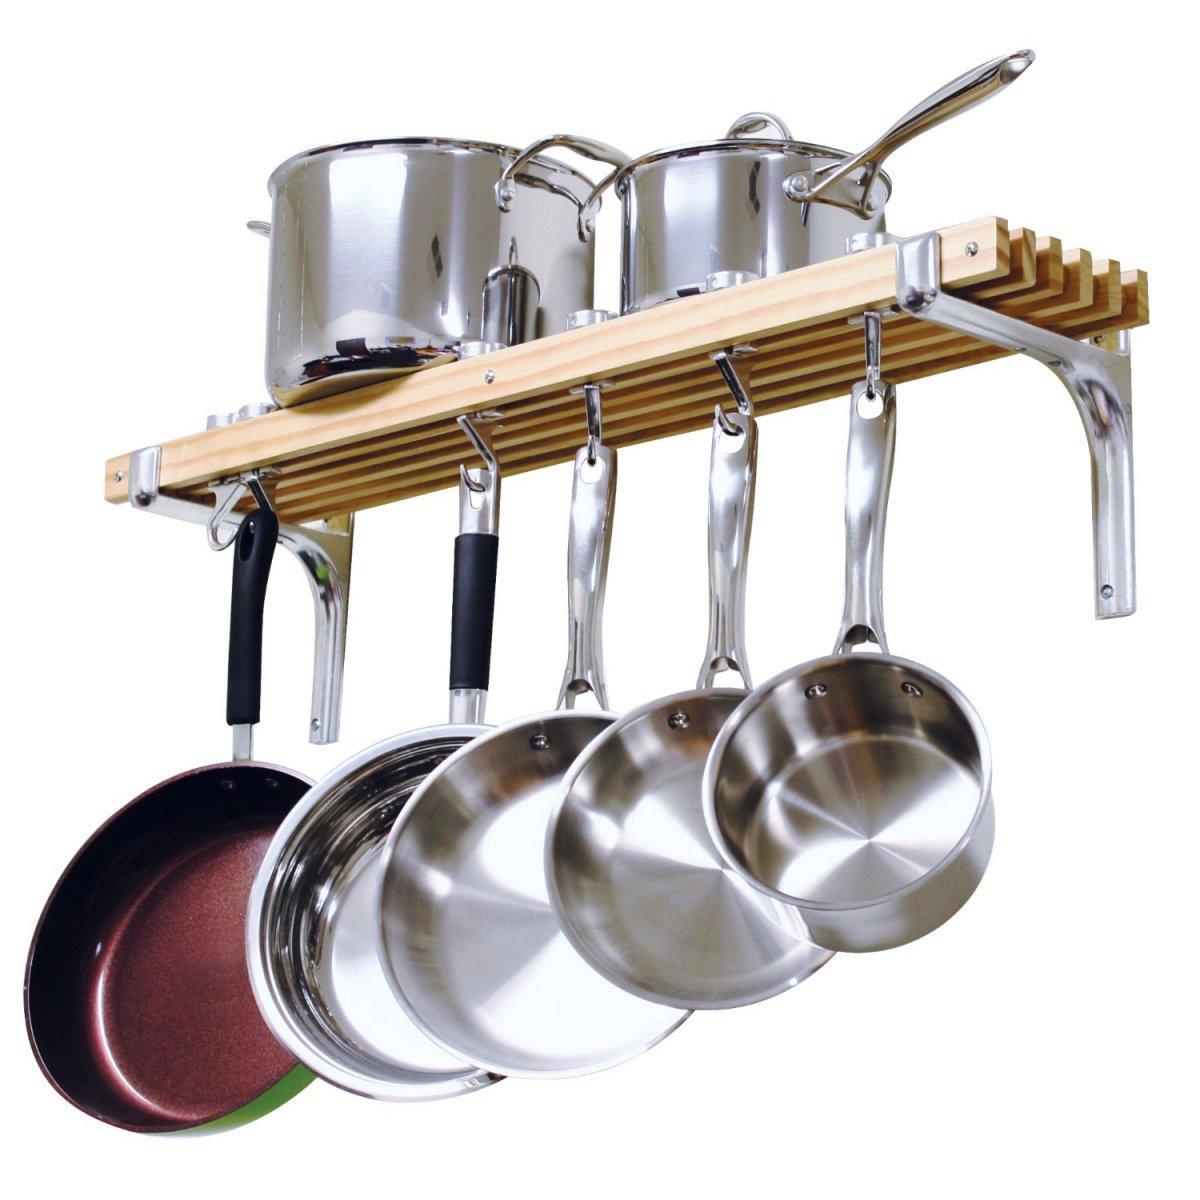 Un rangement stylé pour vos poêles et casseroles